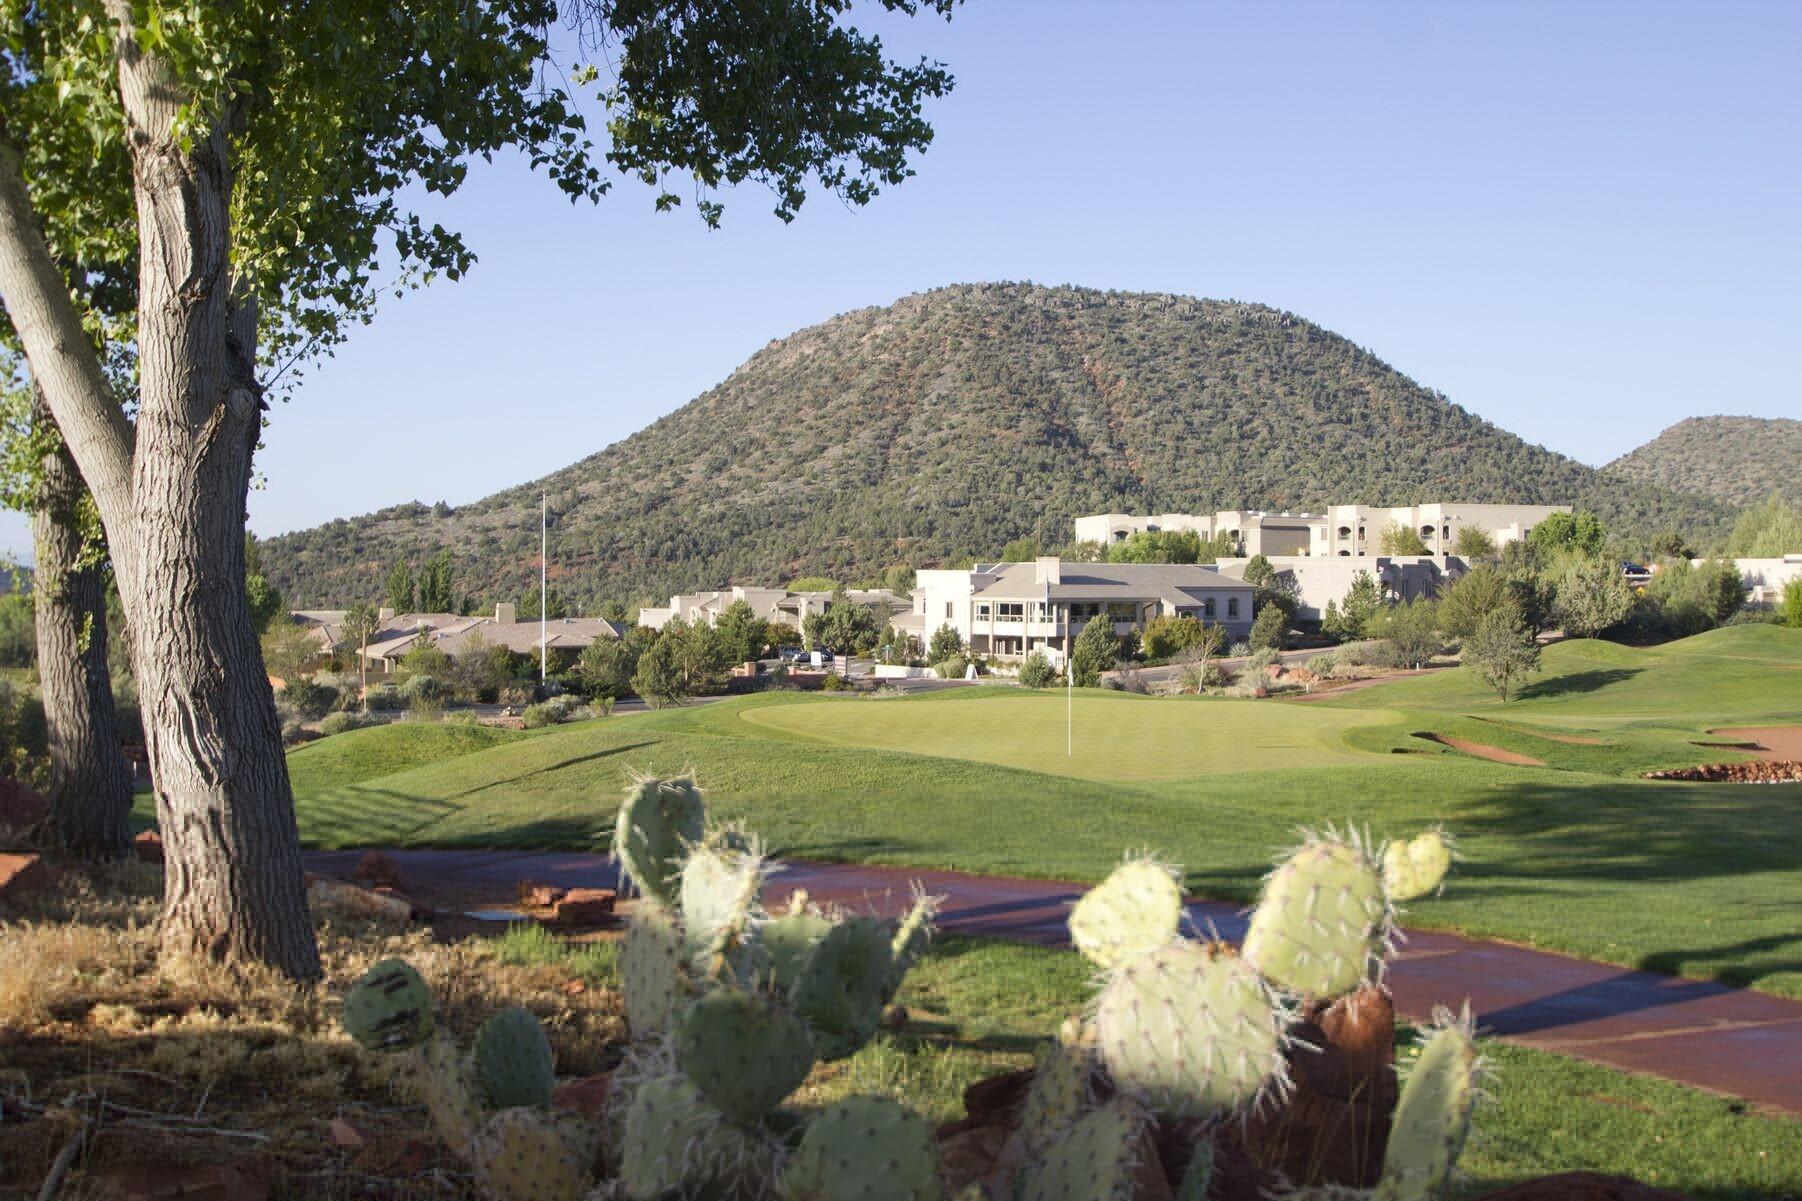 Views from The Ridge on Sedona Golf Resort in Sedona, Arizona